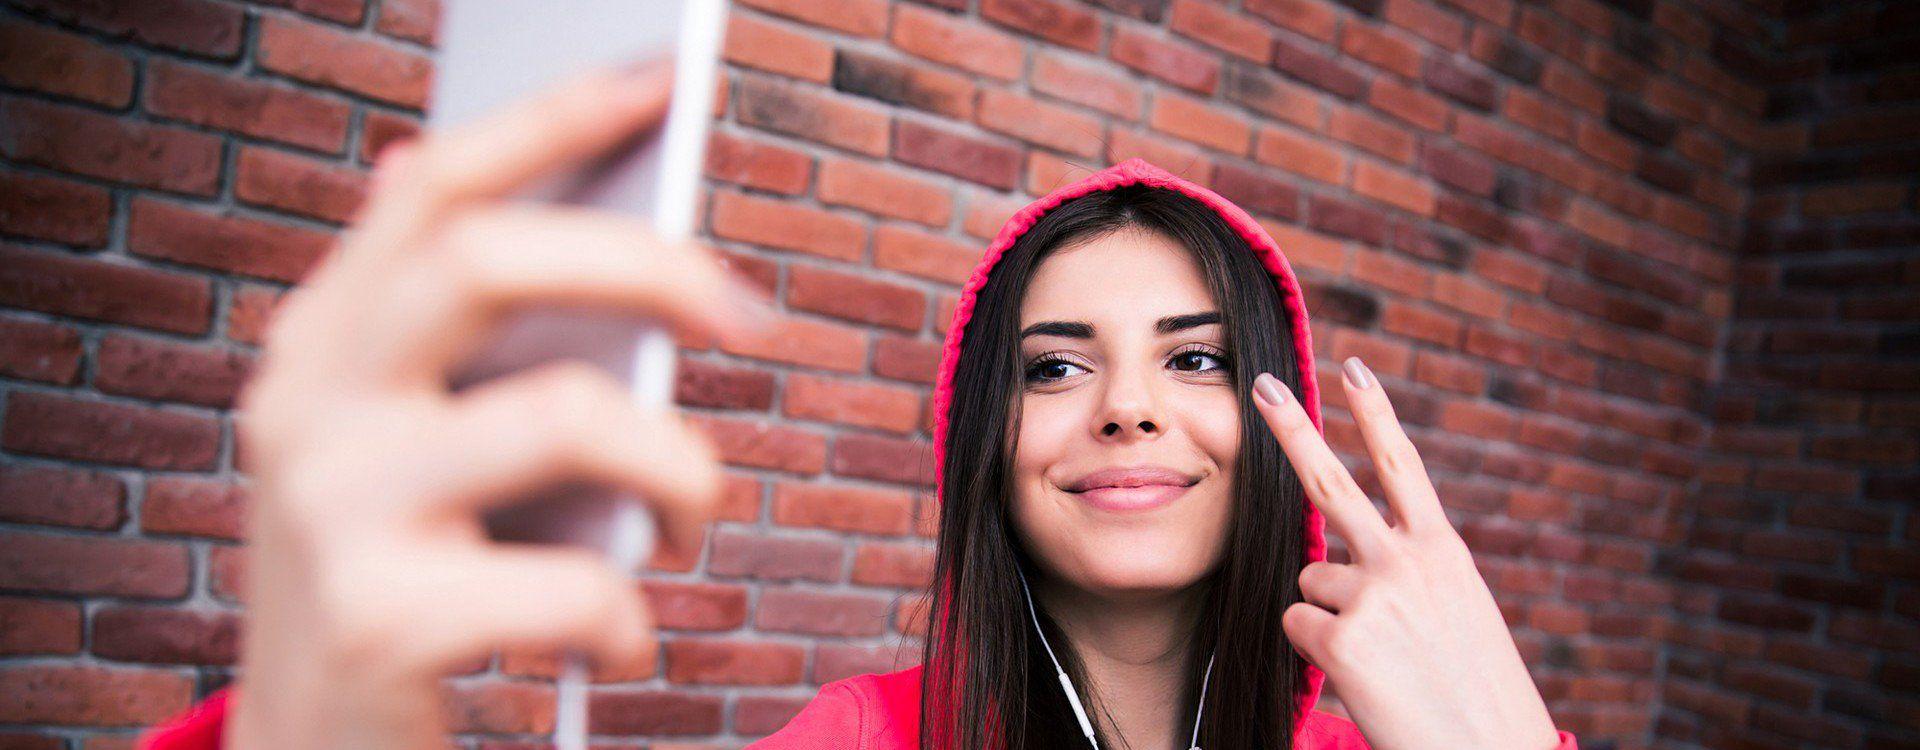 Zdjęcie dziewczyny robiącej selfie pochodzi z serwisu Depositphotos